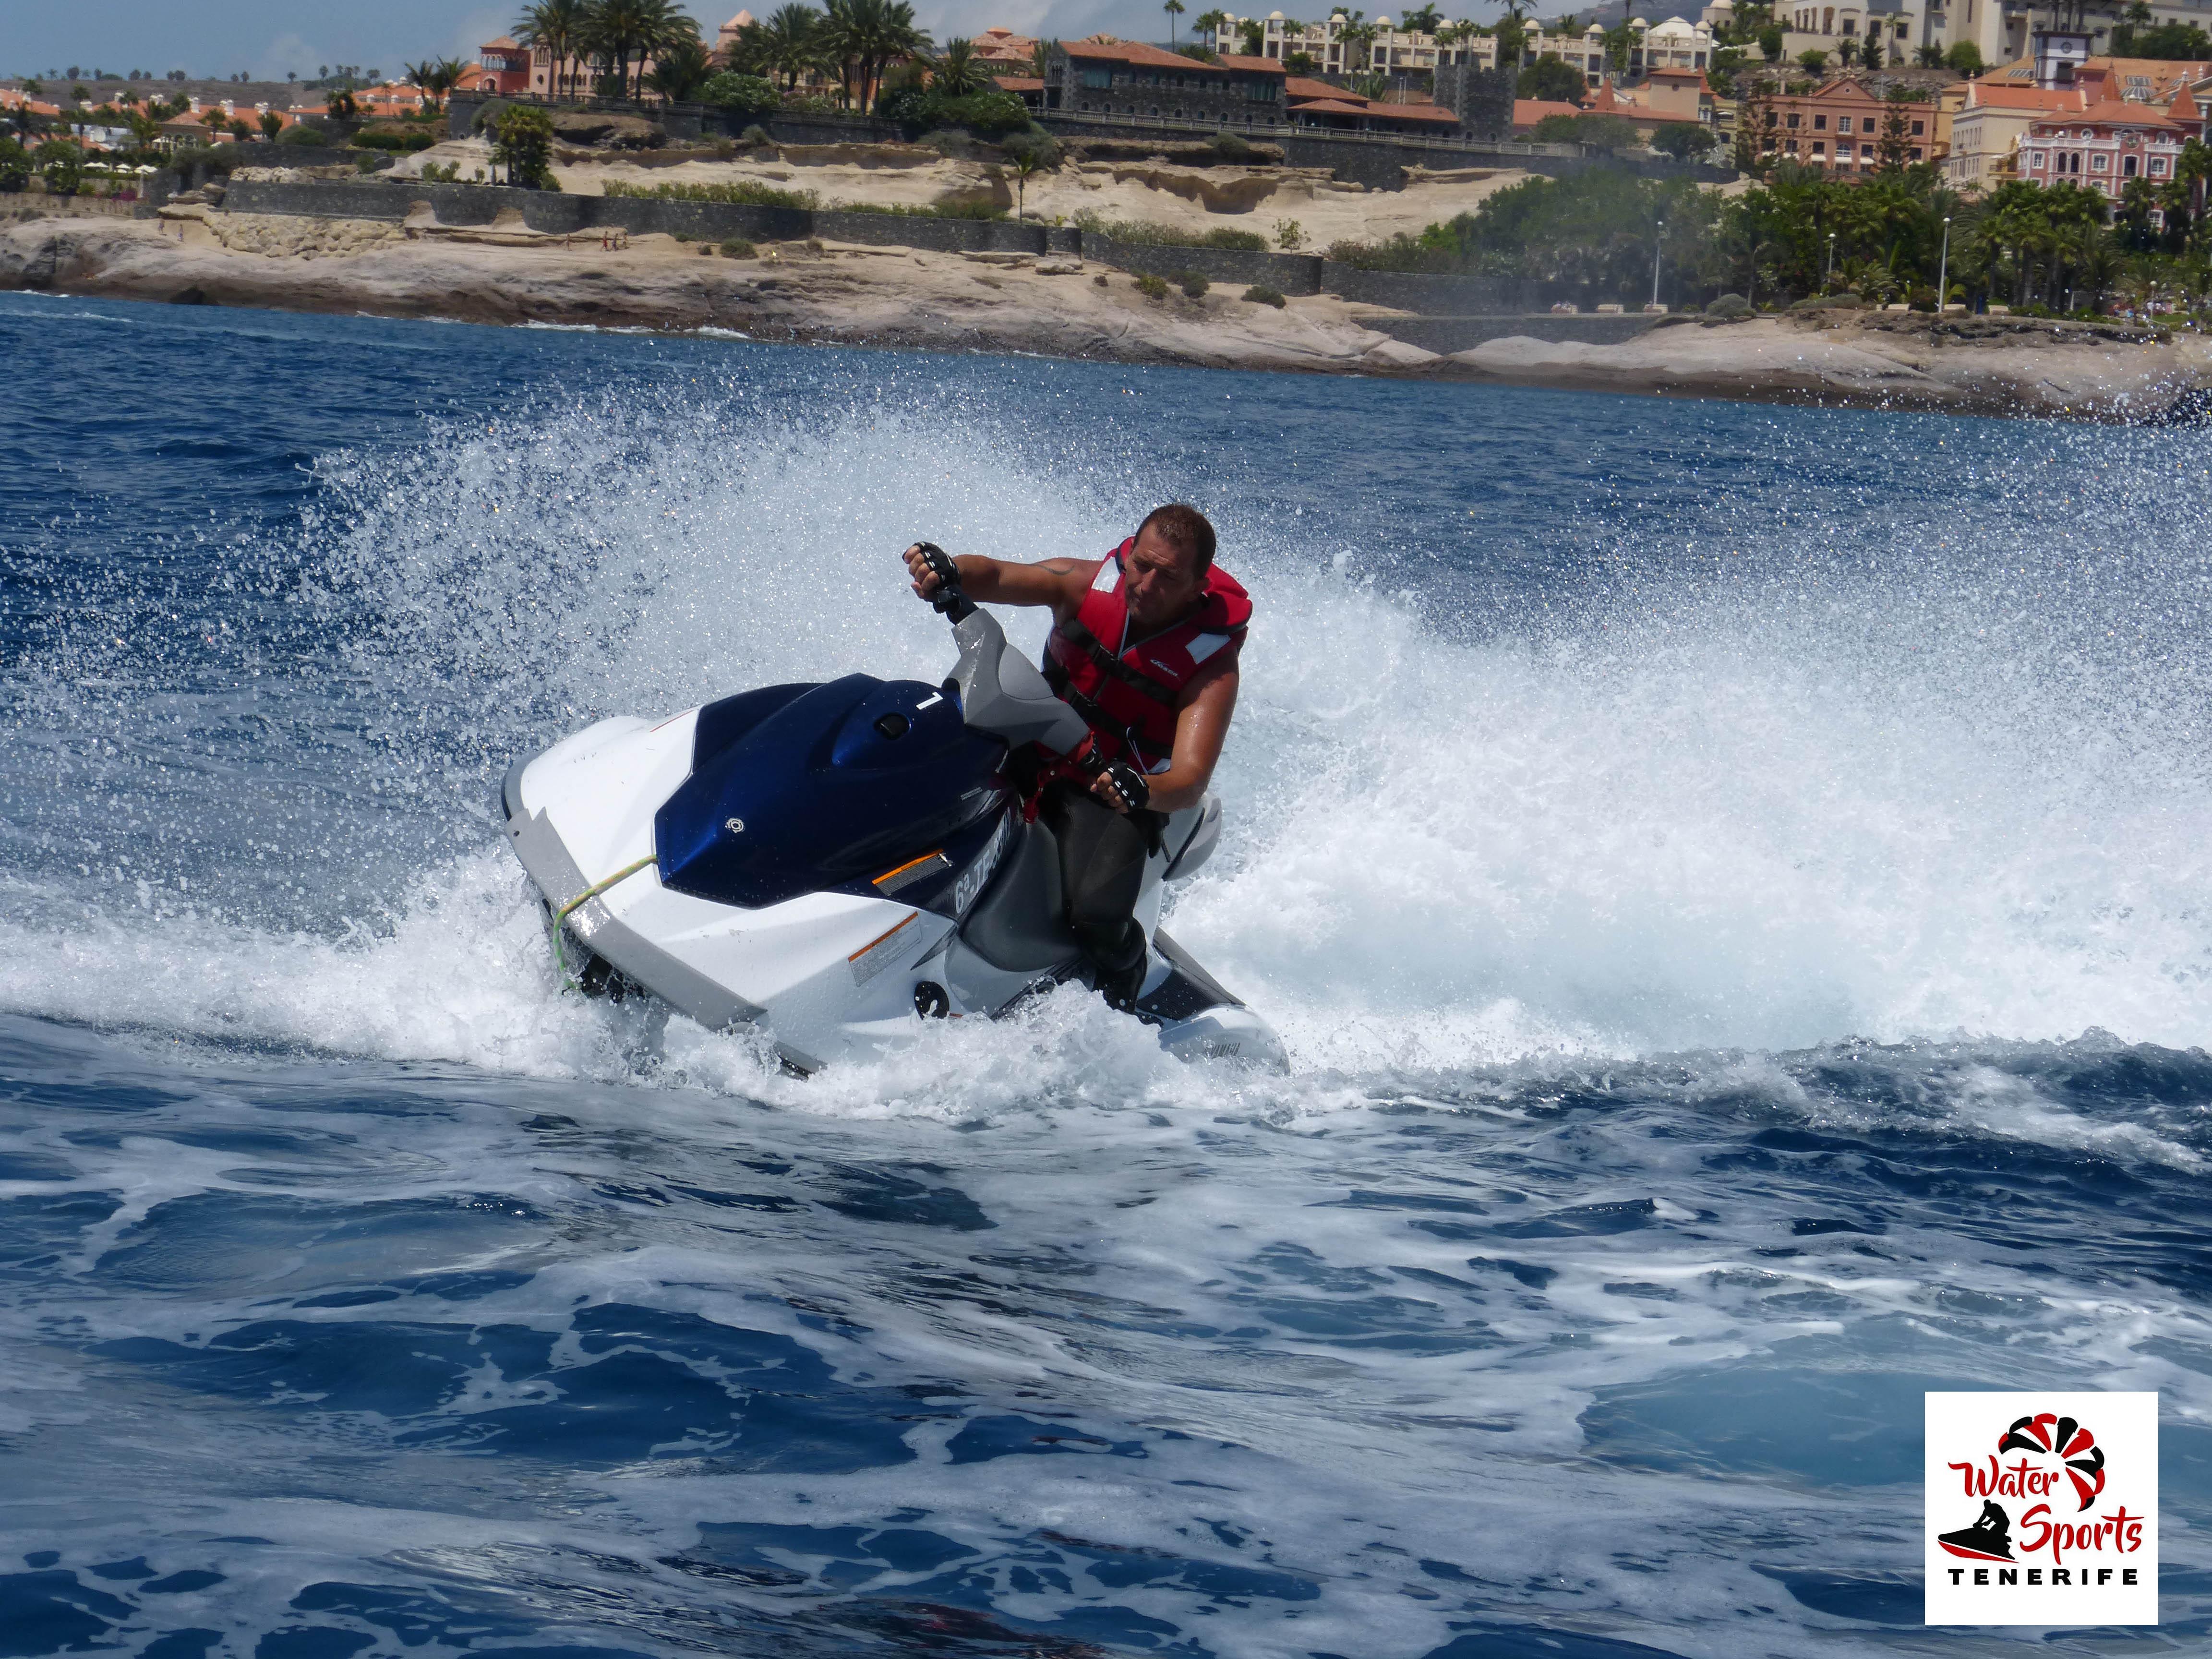 jet ski safari rent jet ski en tenerife sur los cristianos las americas islas canarias